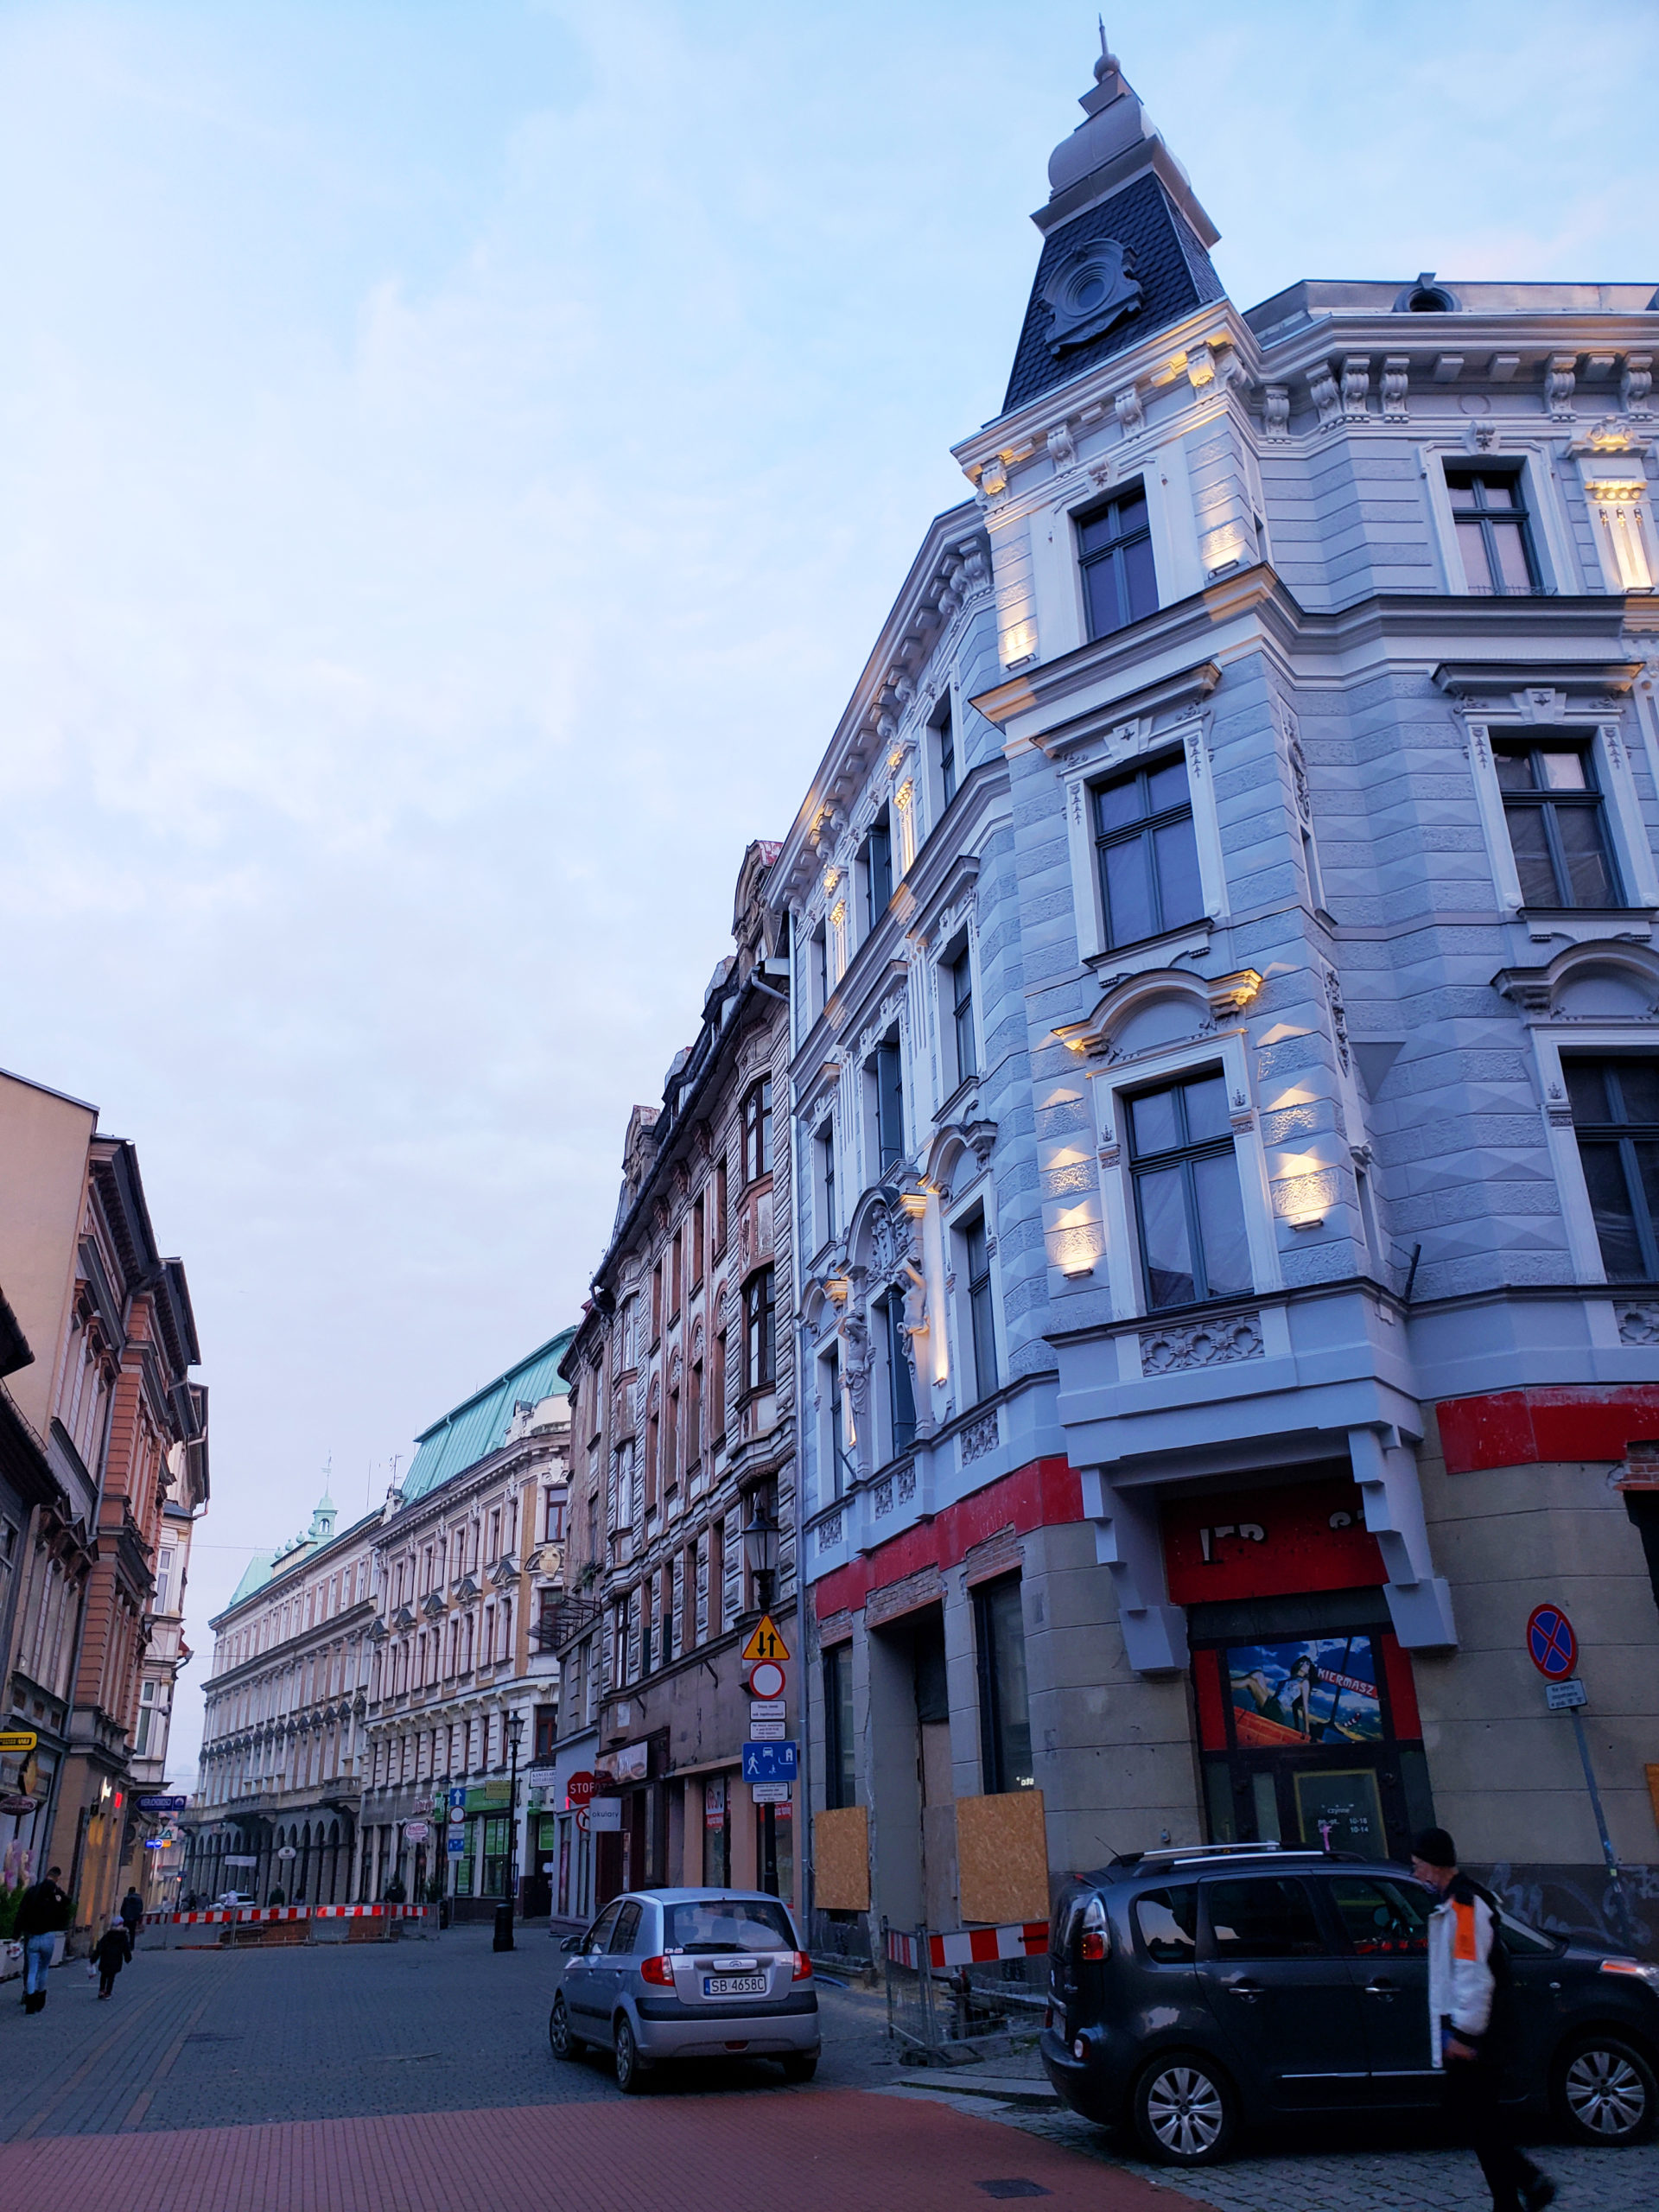 One Day In Bielsko-Biała - A Unique City Off The Beaten Path